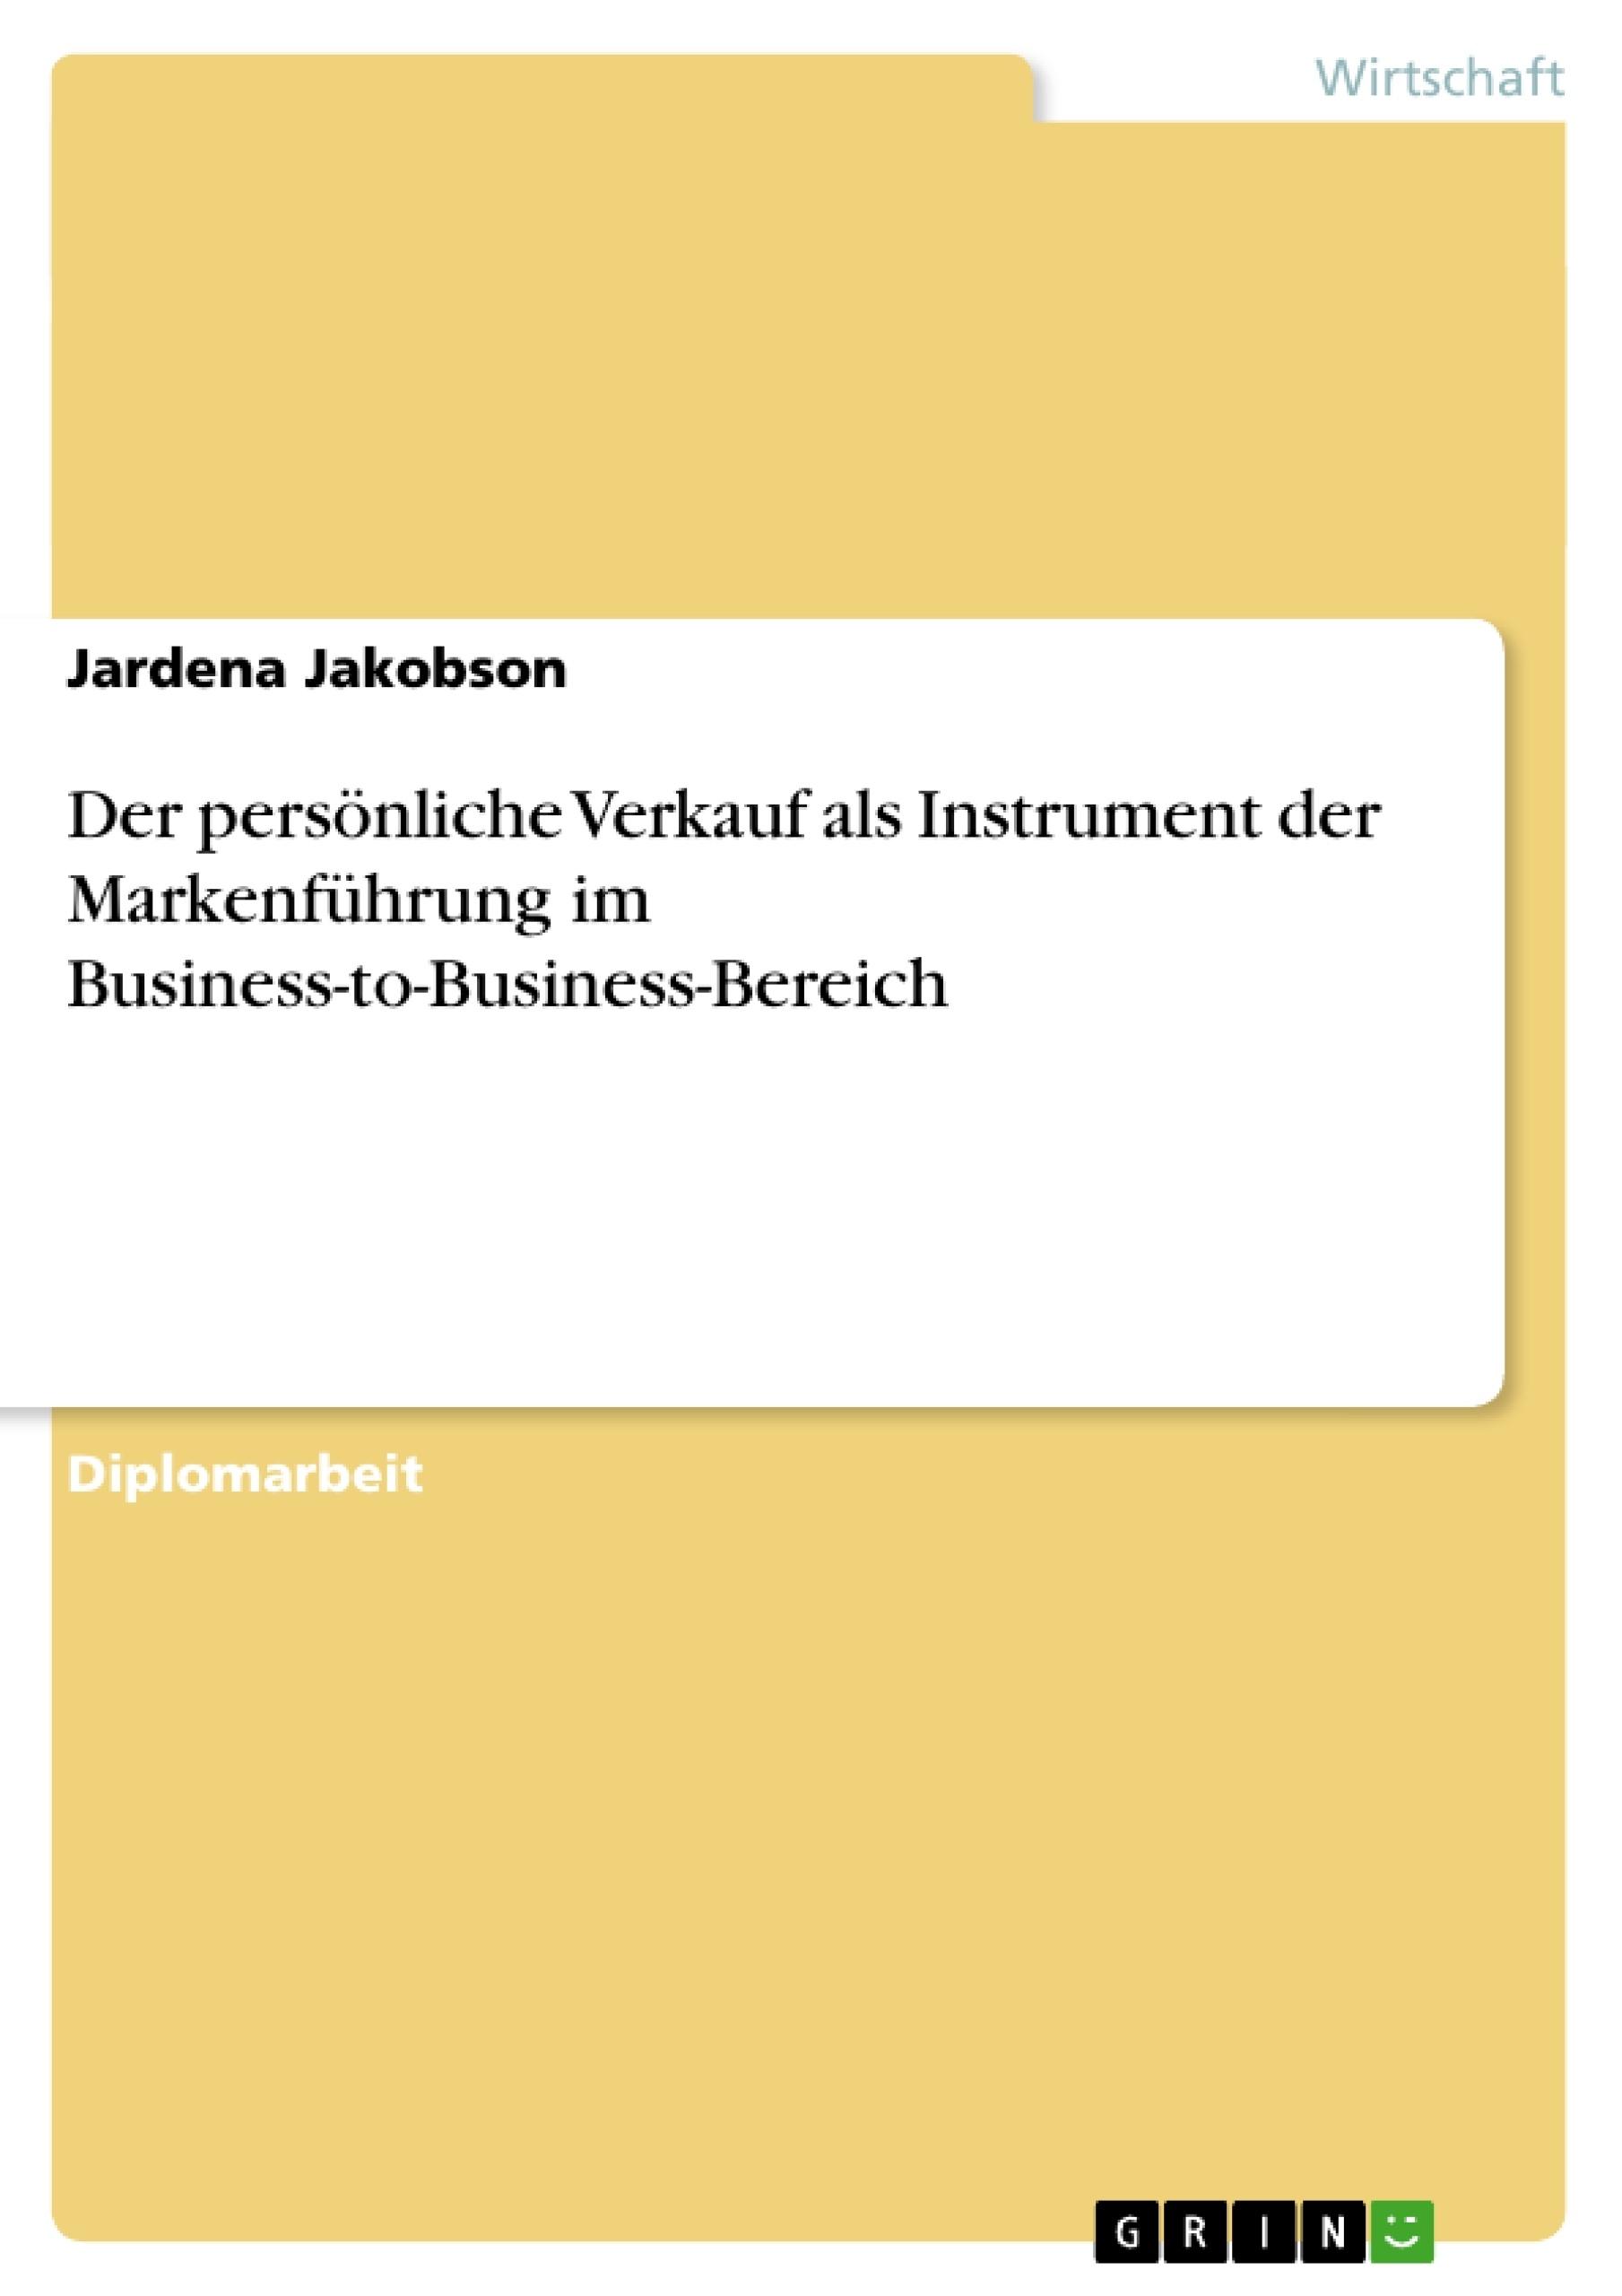 Titel: Der persönliche Verkauf als Instrument der Markenführung im Business-to-Business-Bereich